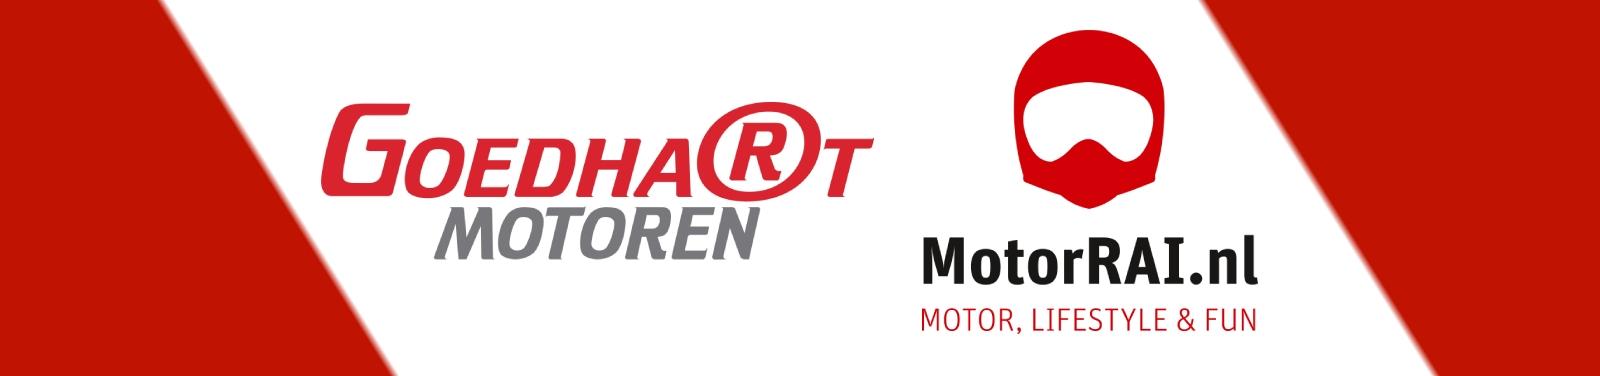 Goedhart Motoren - MotorRAI.nl